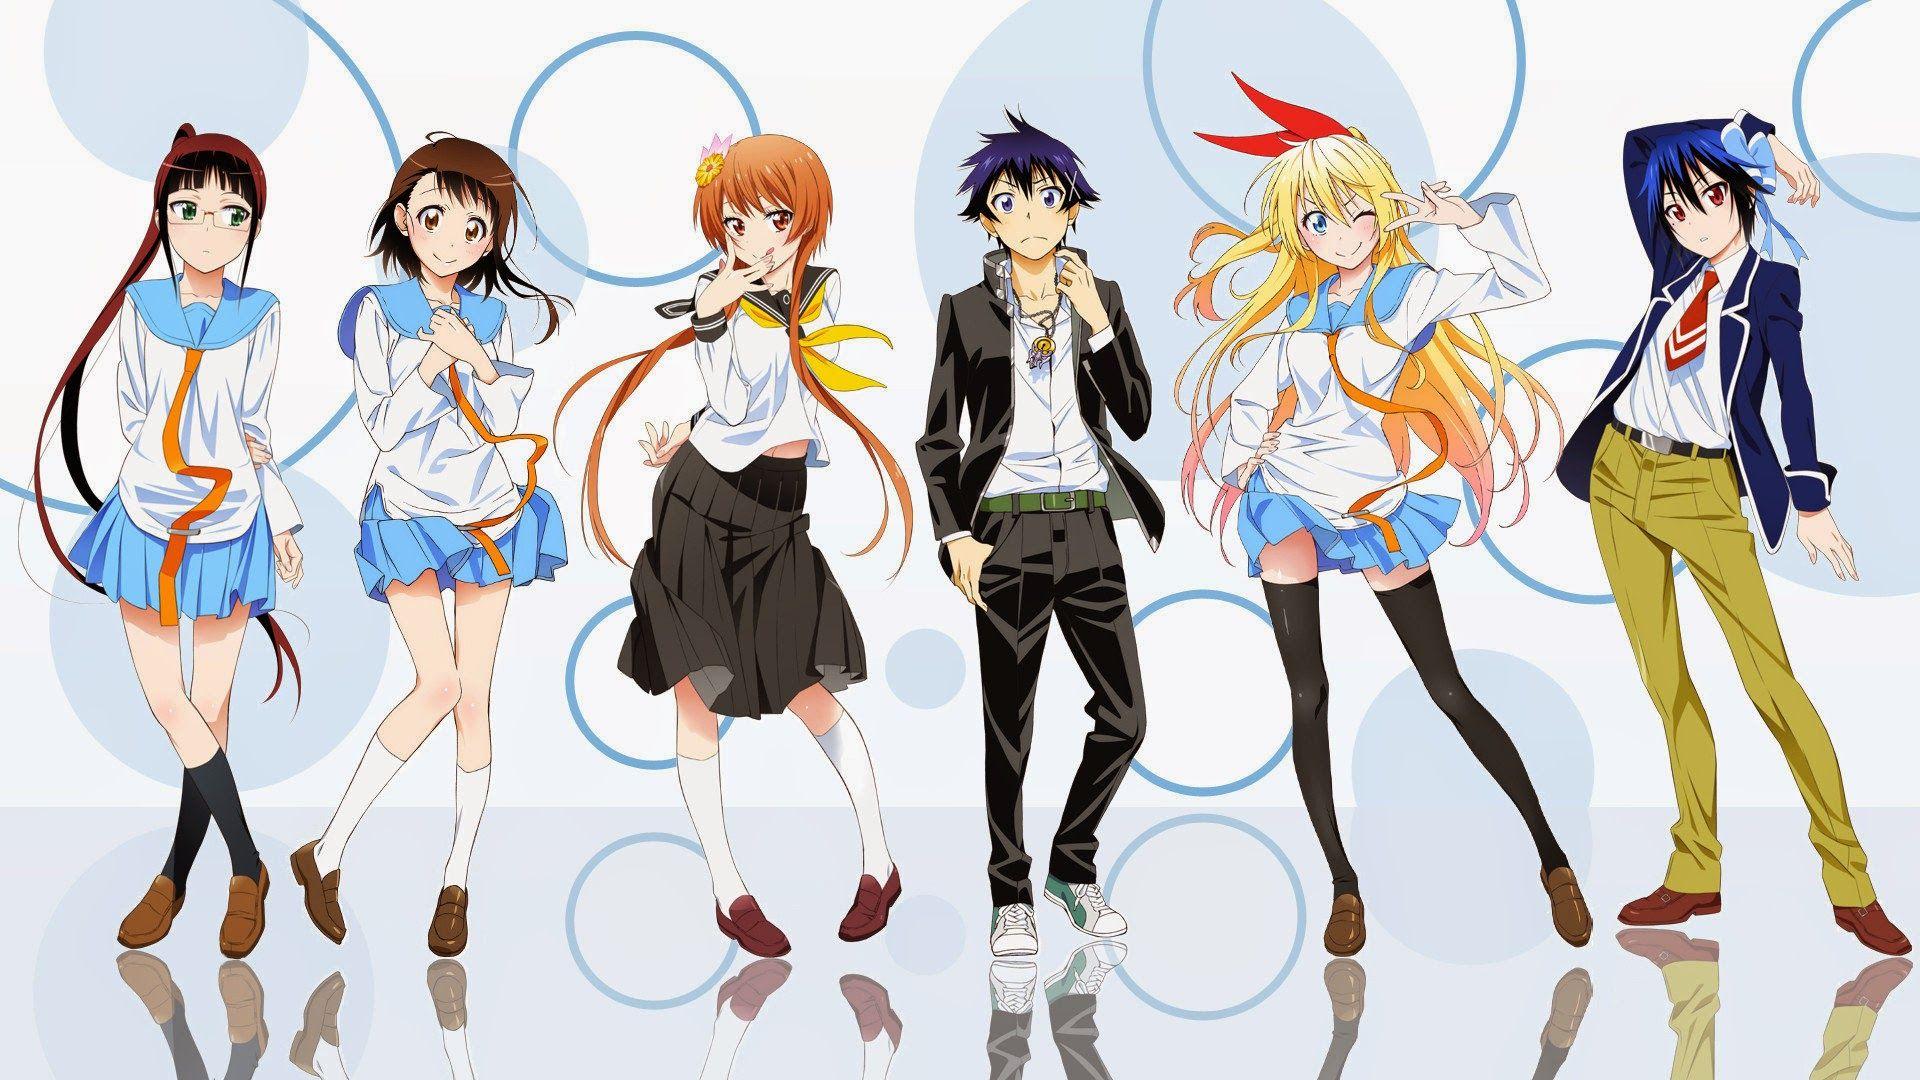 Nisekoi Tapety Full Hd Animeholik Blog Fana Anime Nisekoi Wallpaper Nisekoi Manga Vs Anime